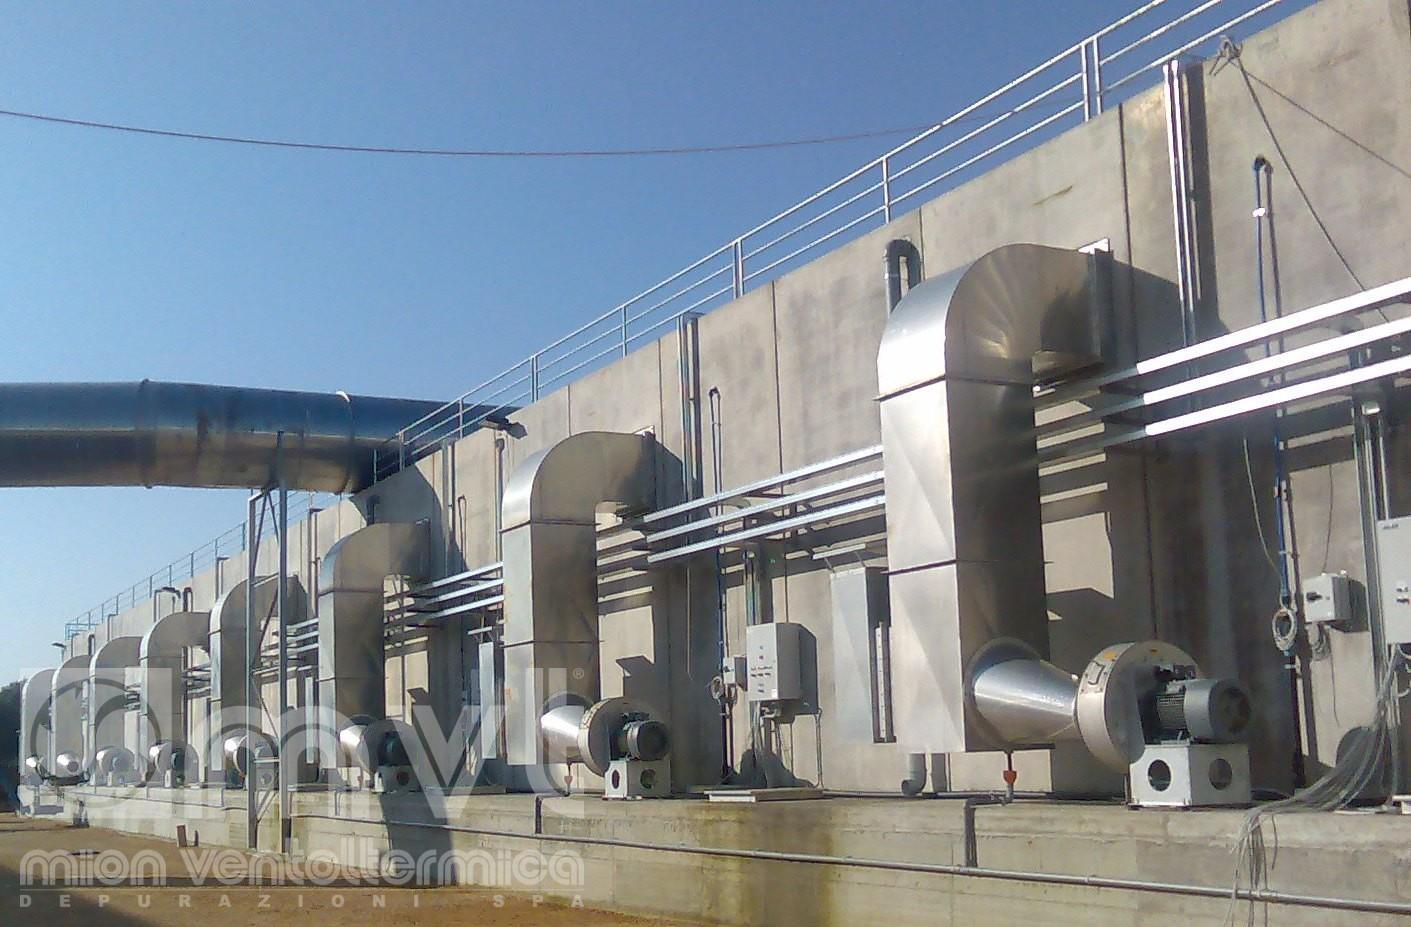 impianti di compostaggio   Mion Ventoltermica